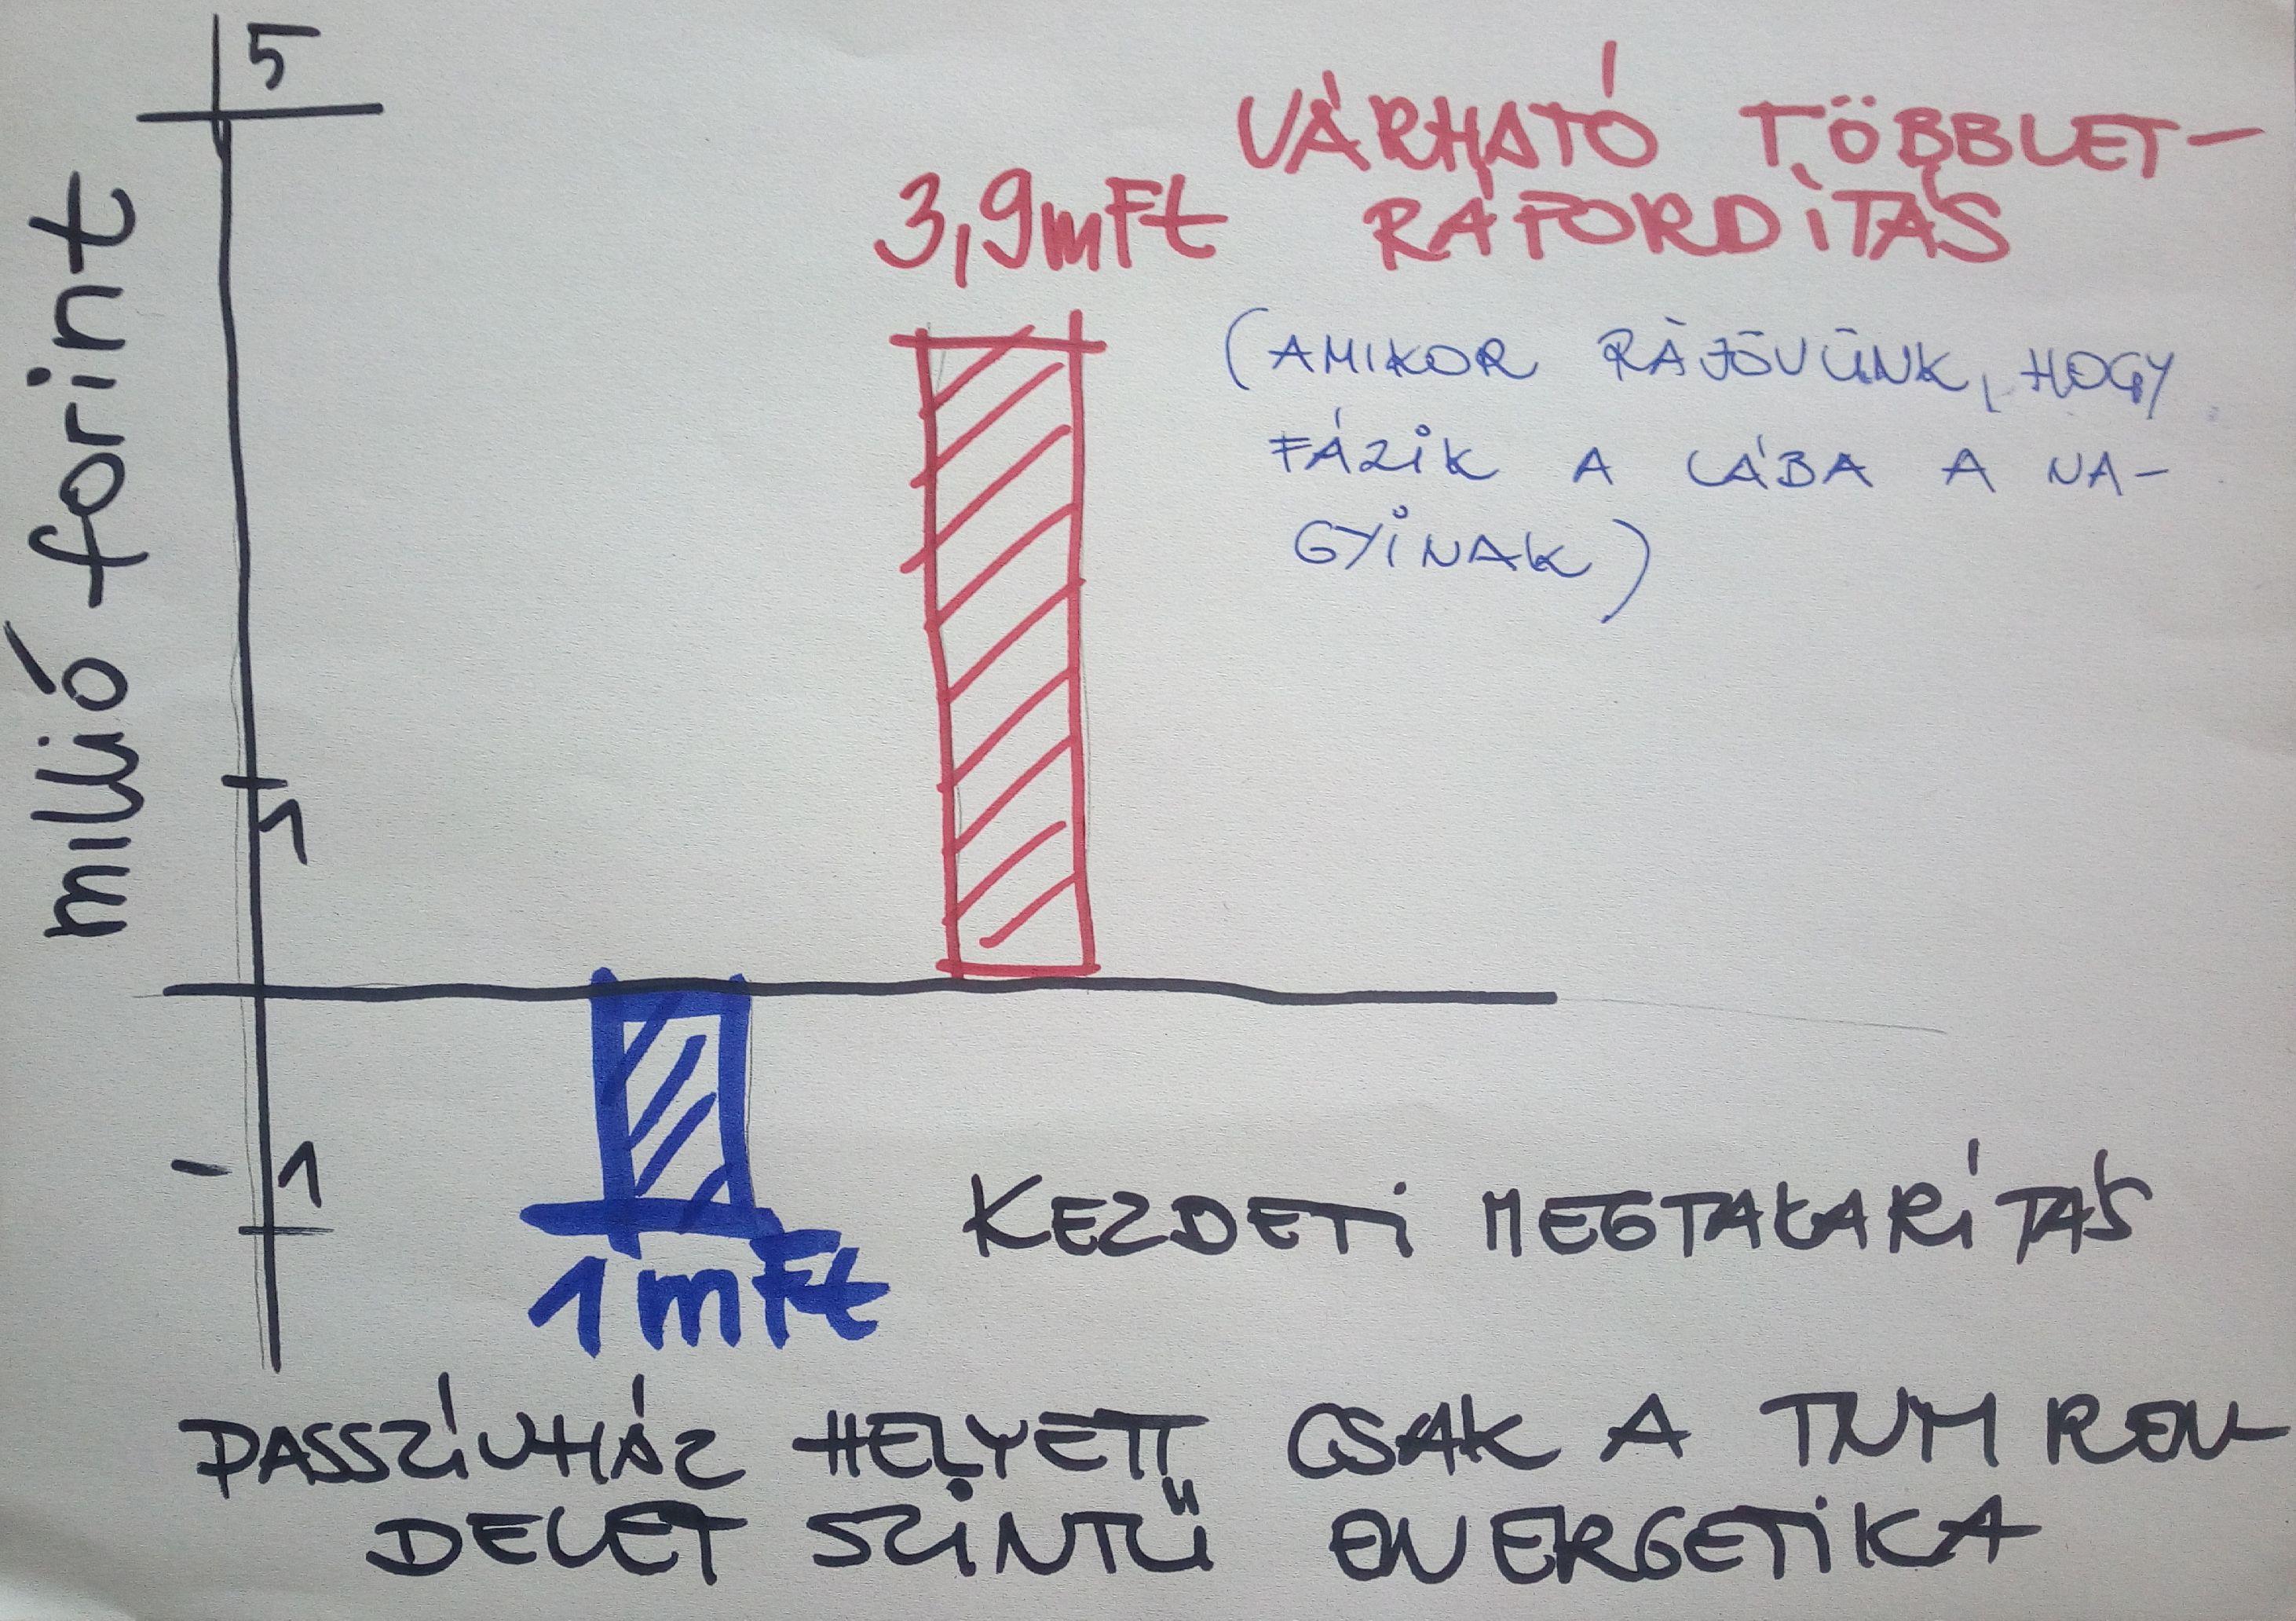 varhato_tobbletraforditas_160530_1.jpg